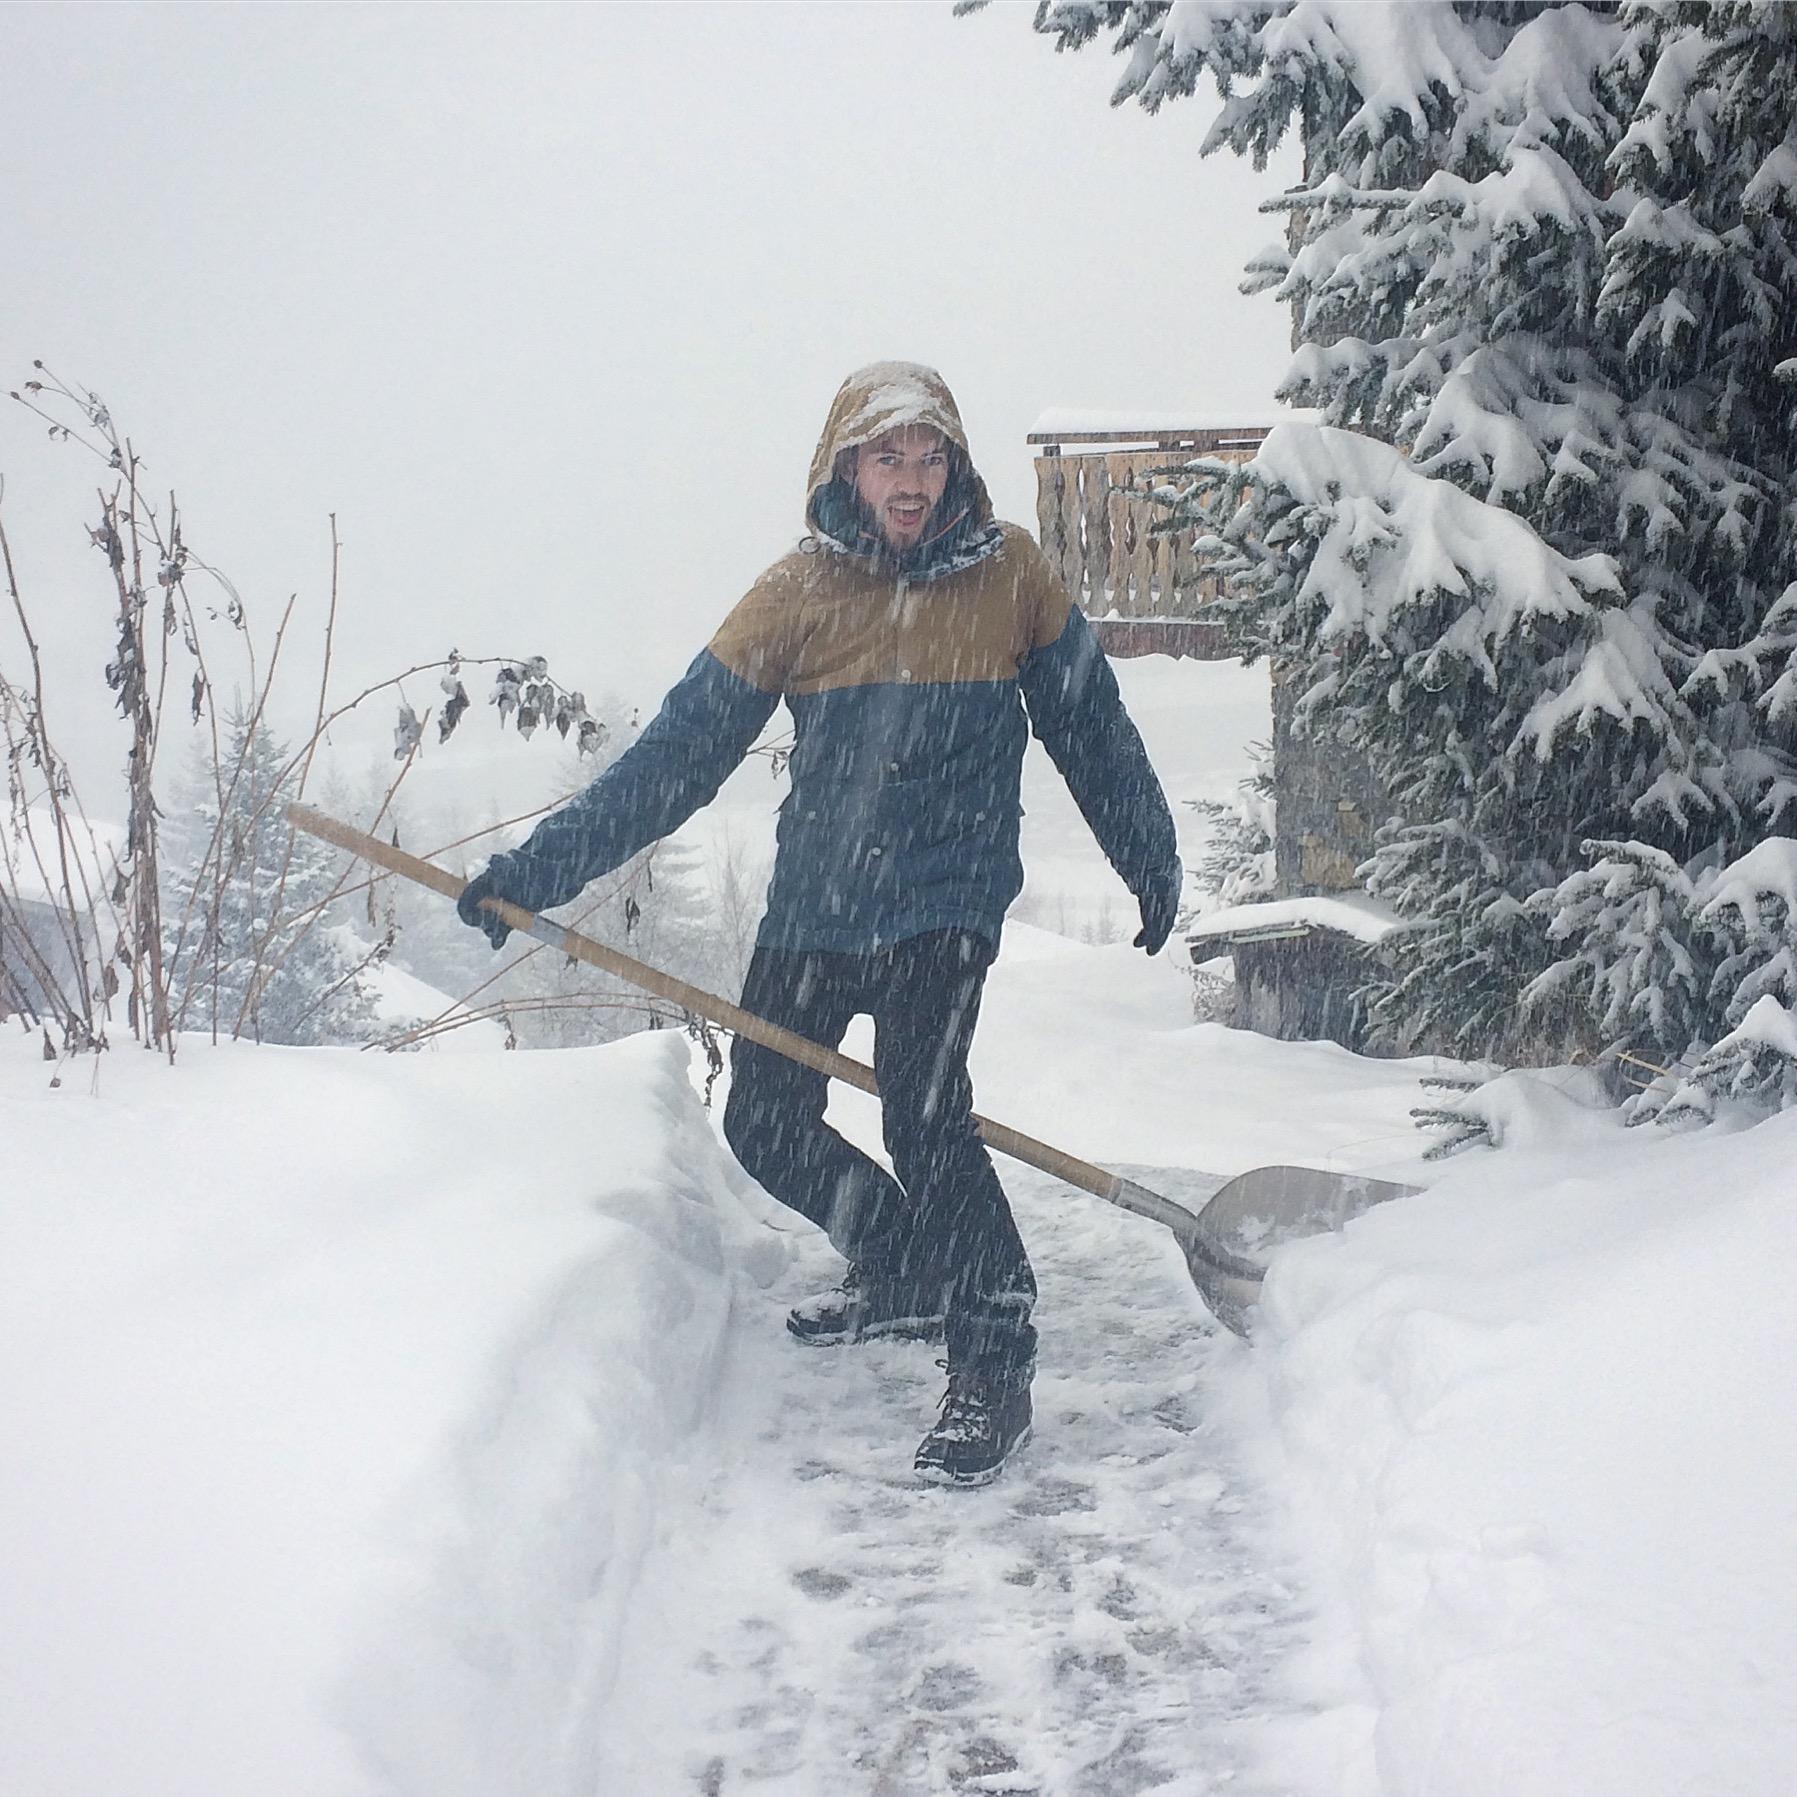 Snow in Tignes